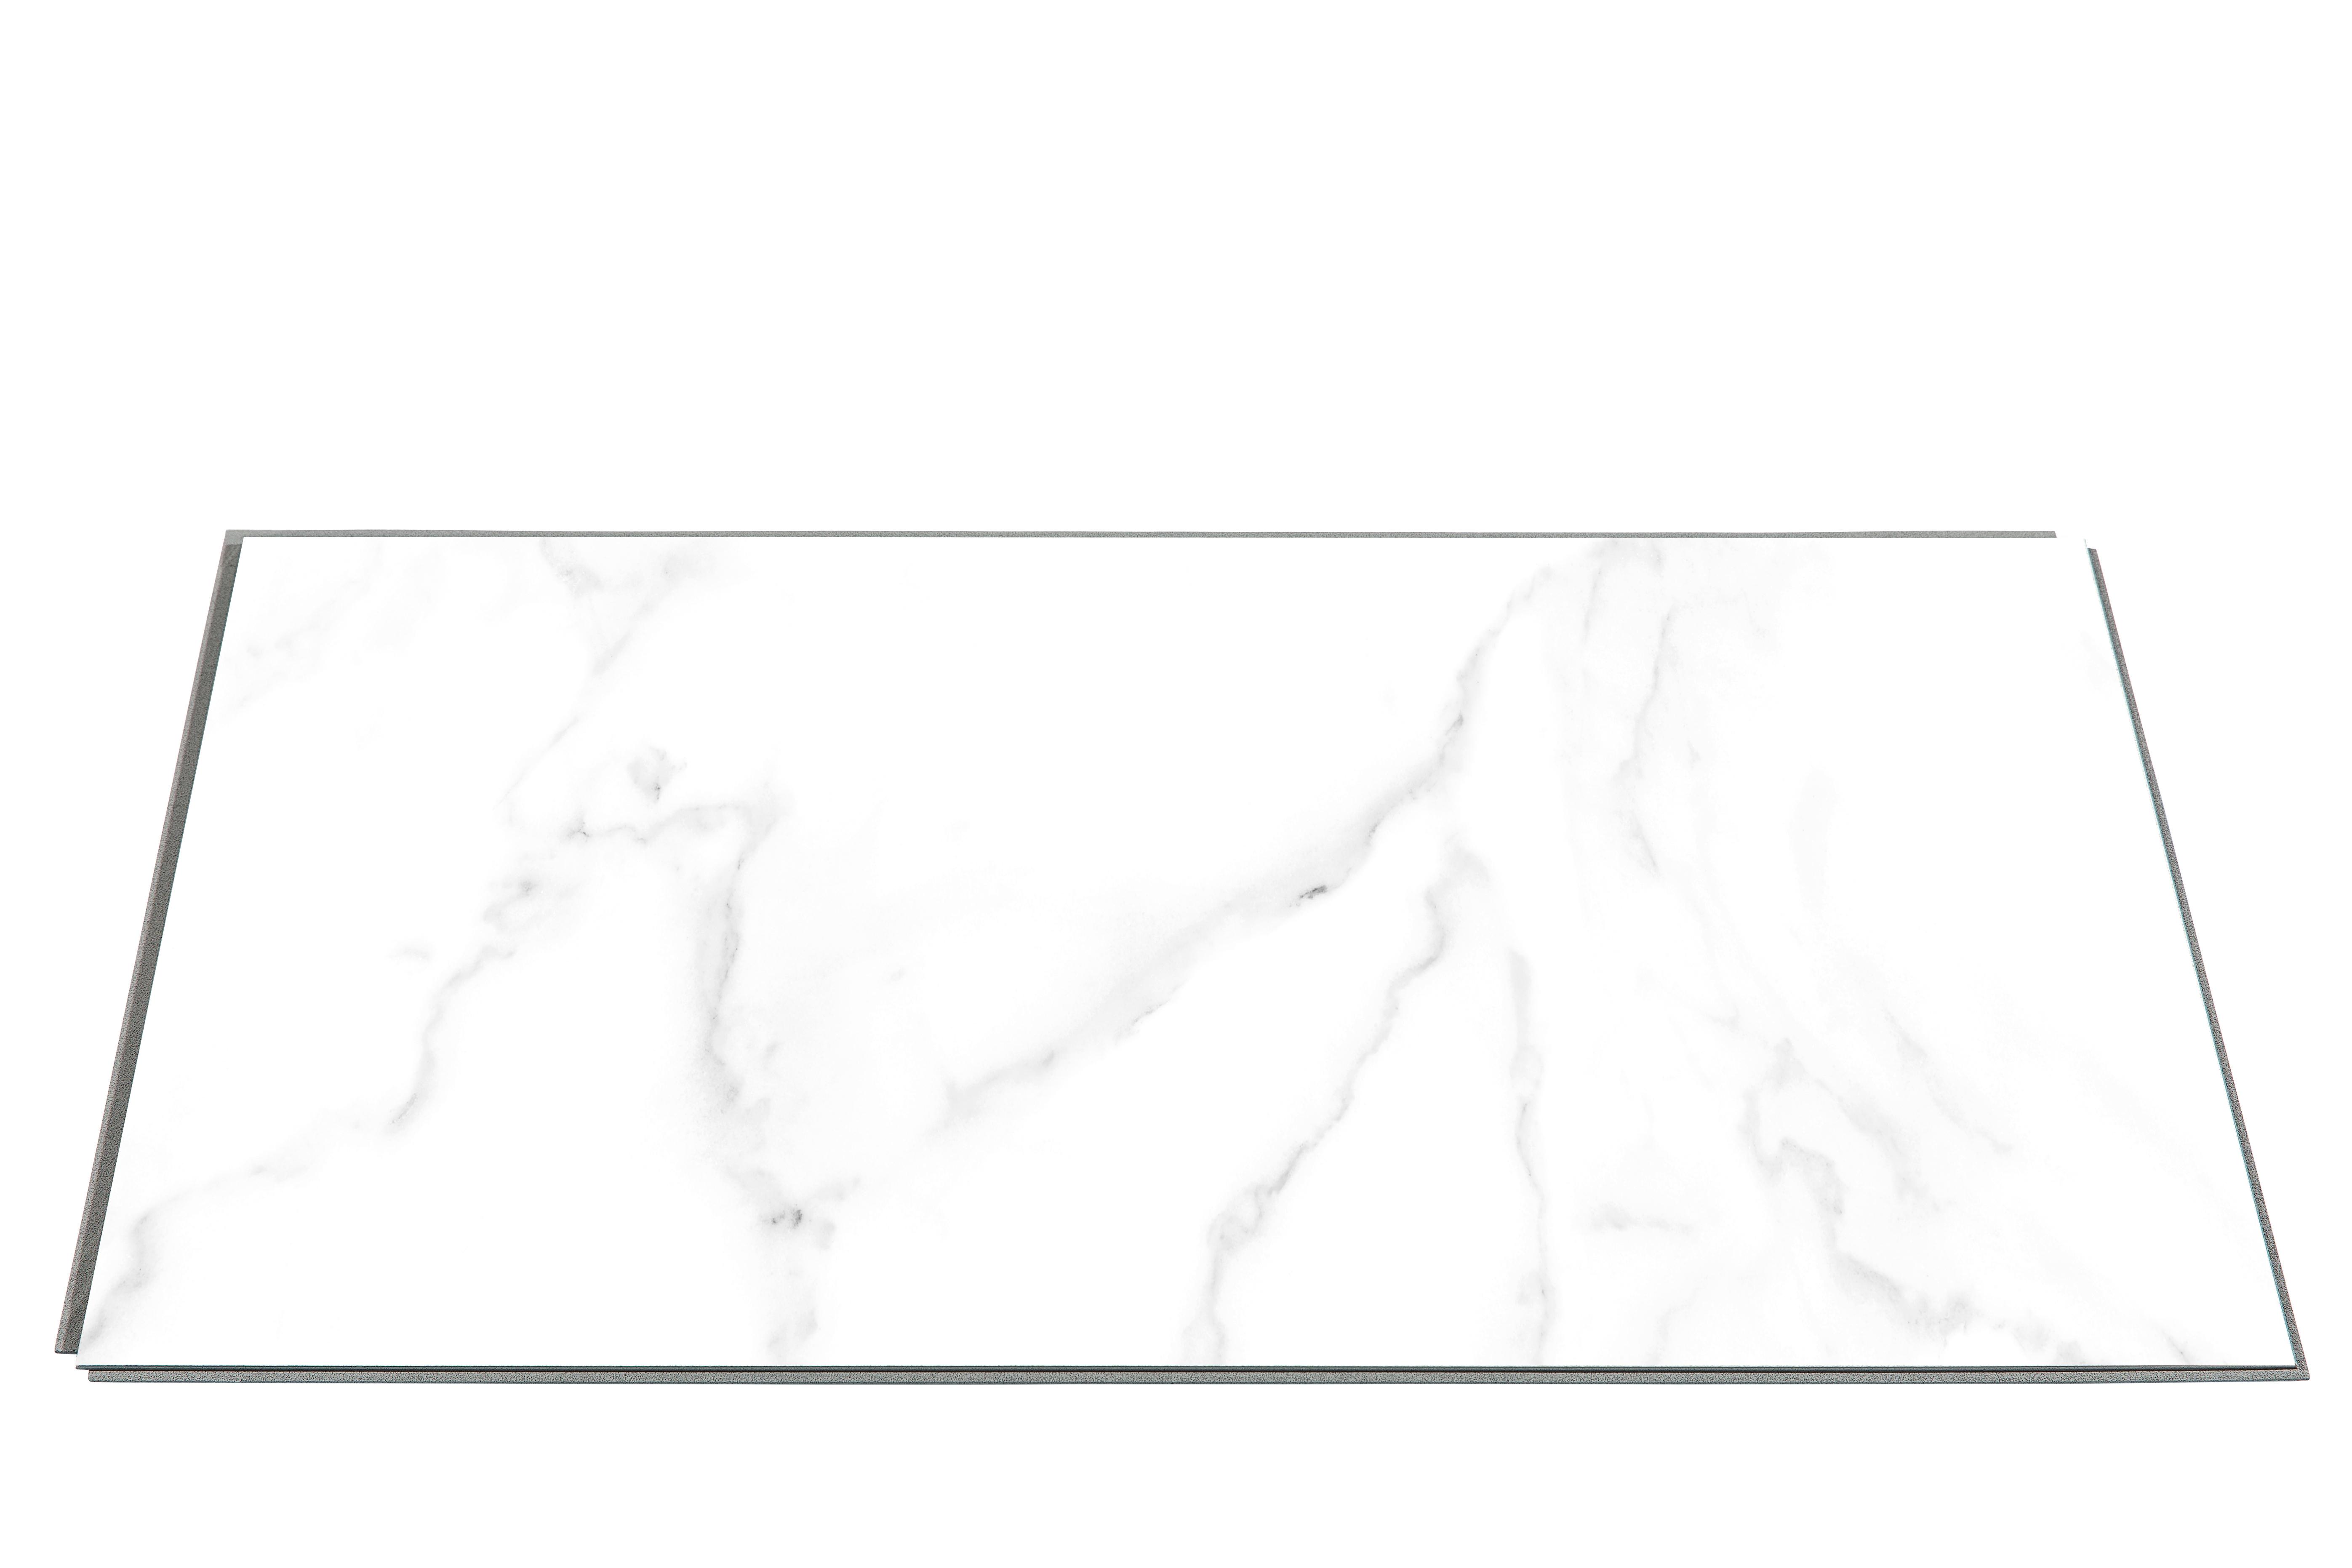 Dumawall Salle De Bain dalle en pvc calacatta 65 x 37,5 cm 8 pièces dumawall - mr.bricolage